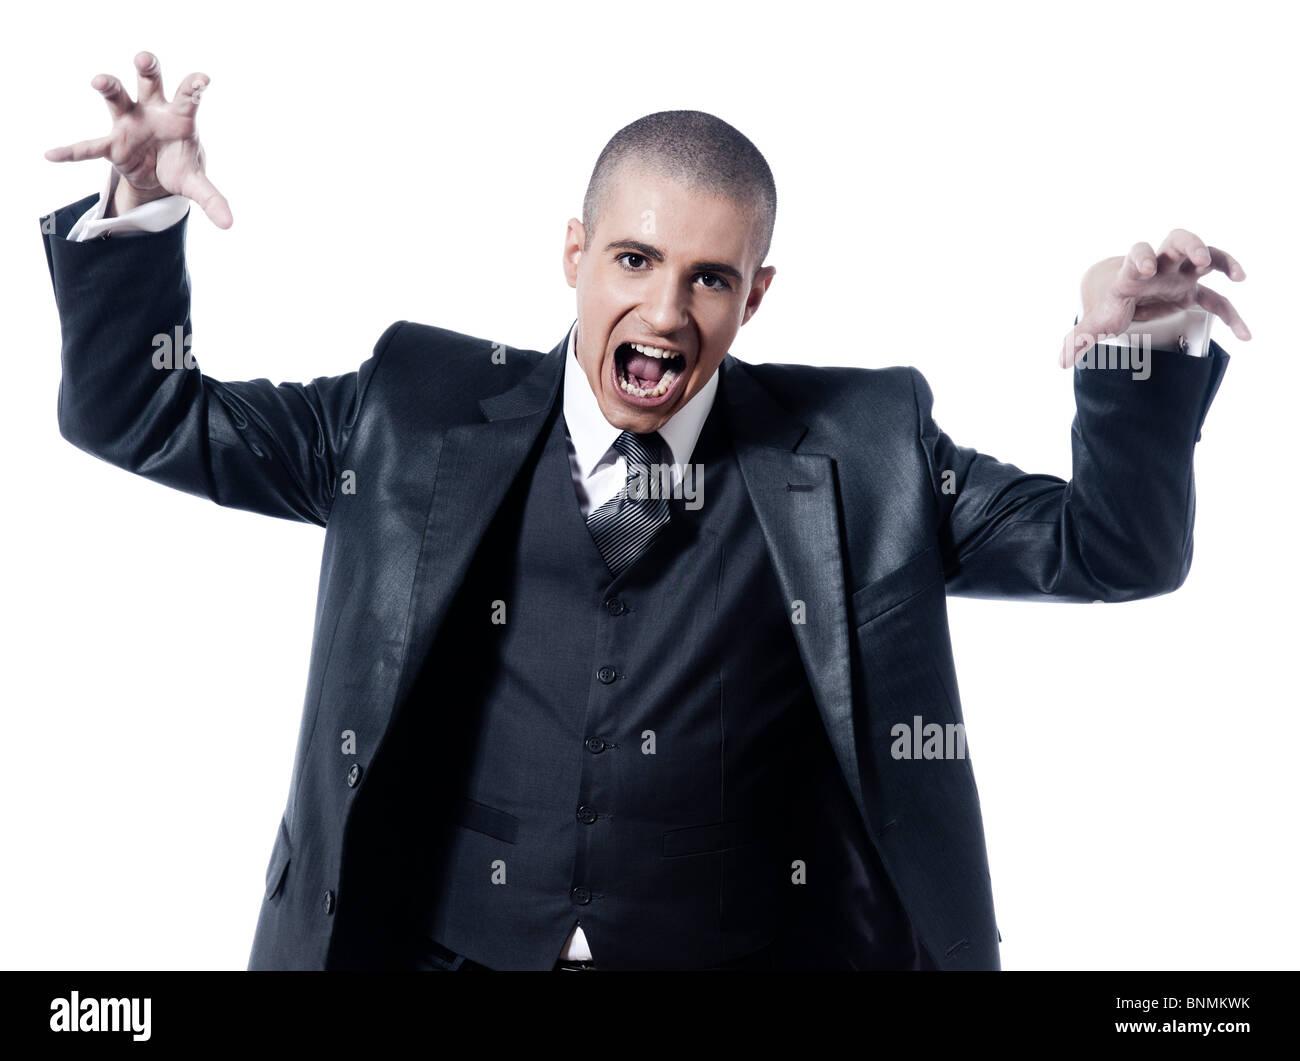 Uomo caucasico funny imprenditore ritratto urlante studio isolato su sfondo bianco Foto Stock